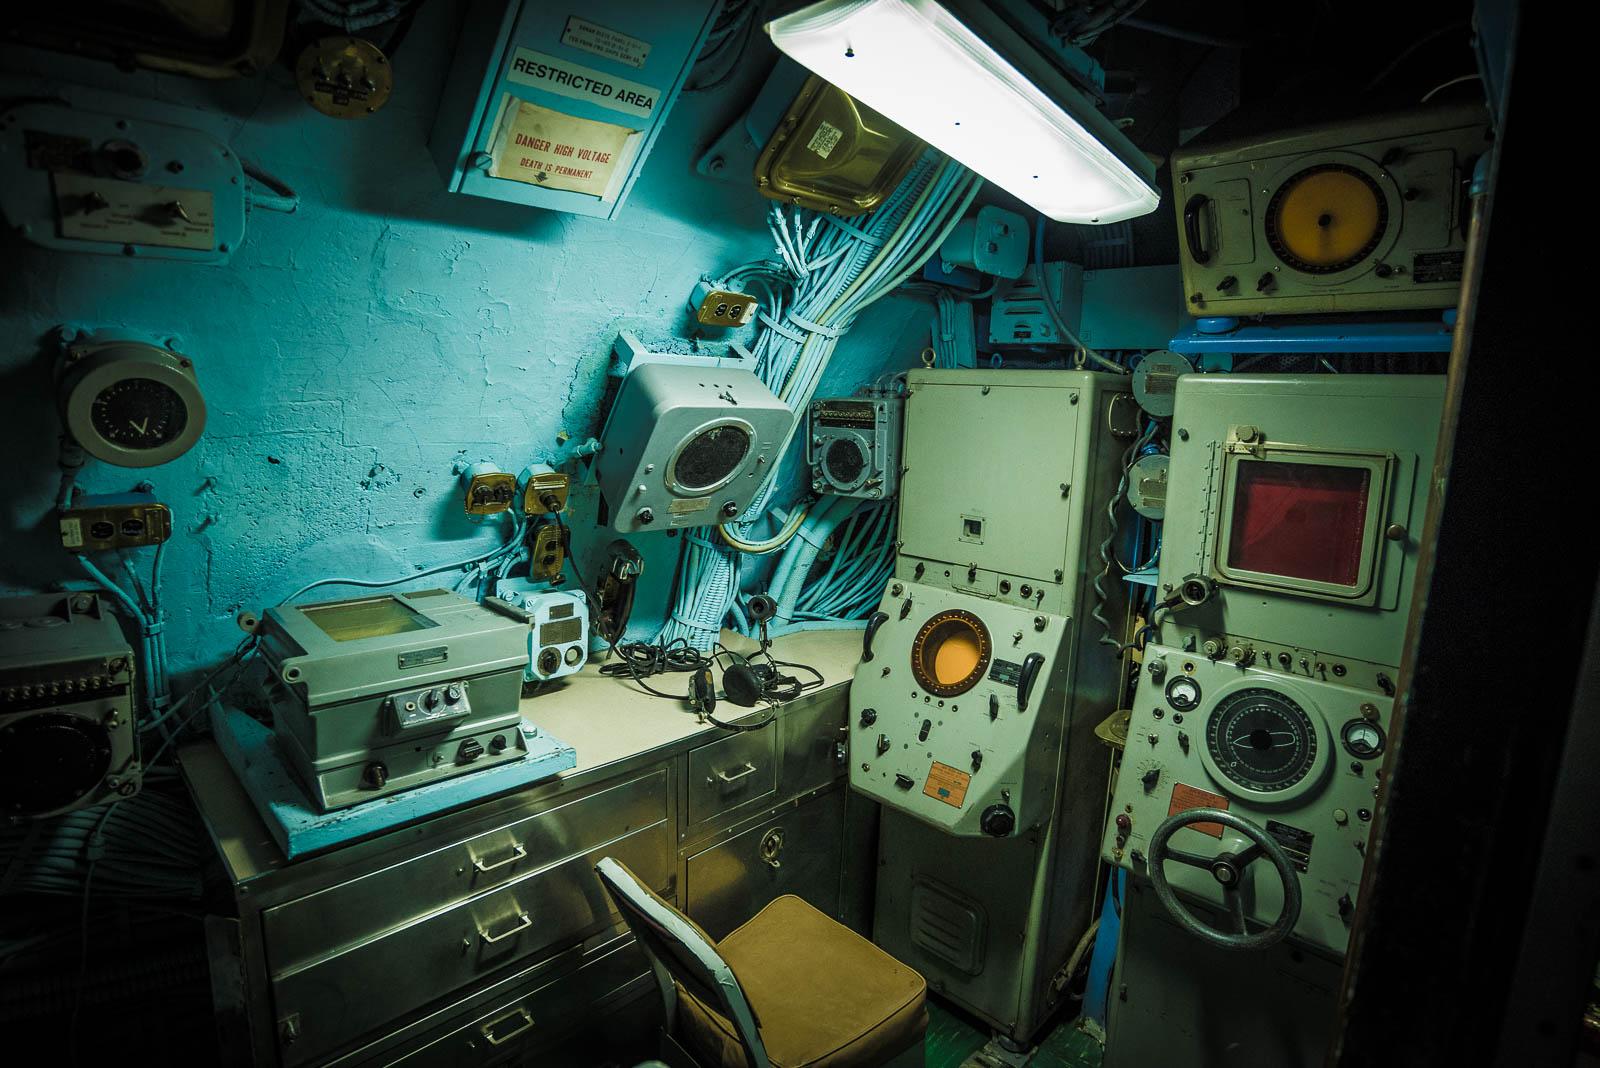 New York Nuclear Submarine